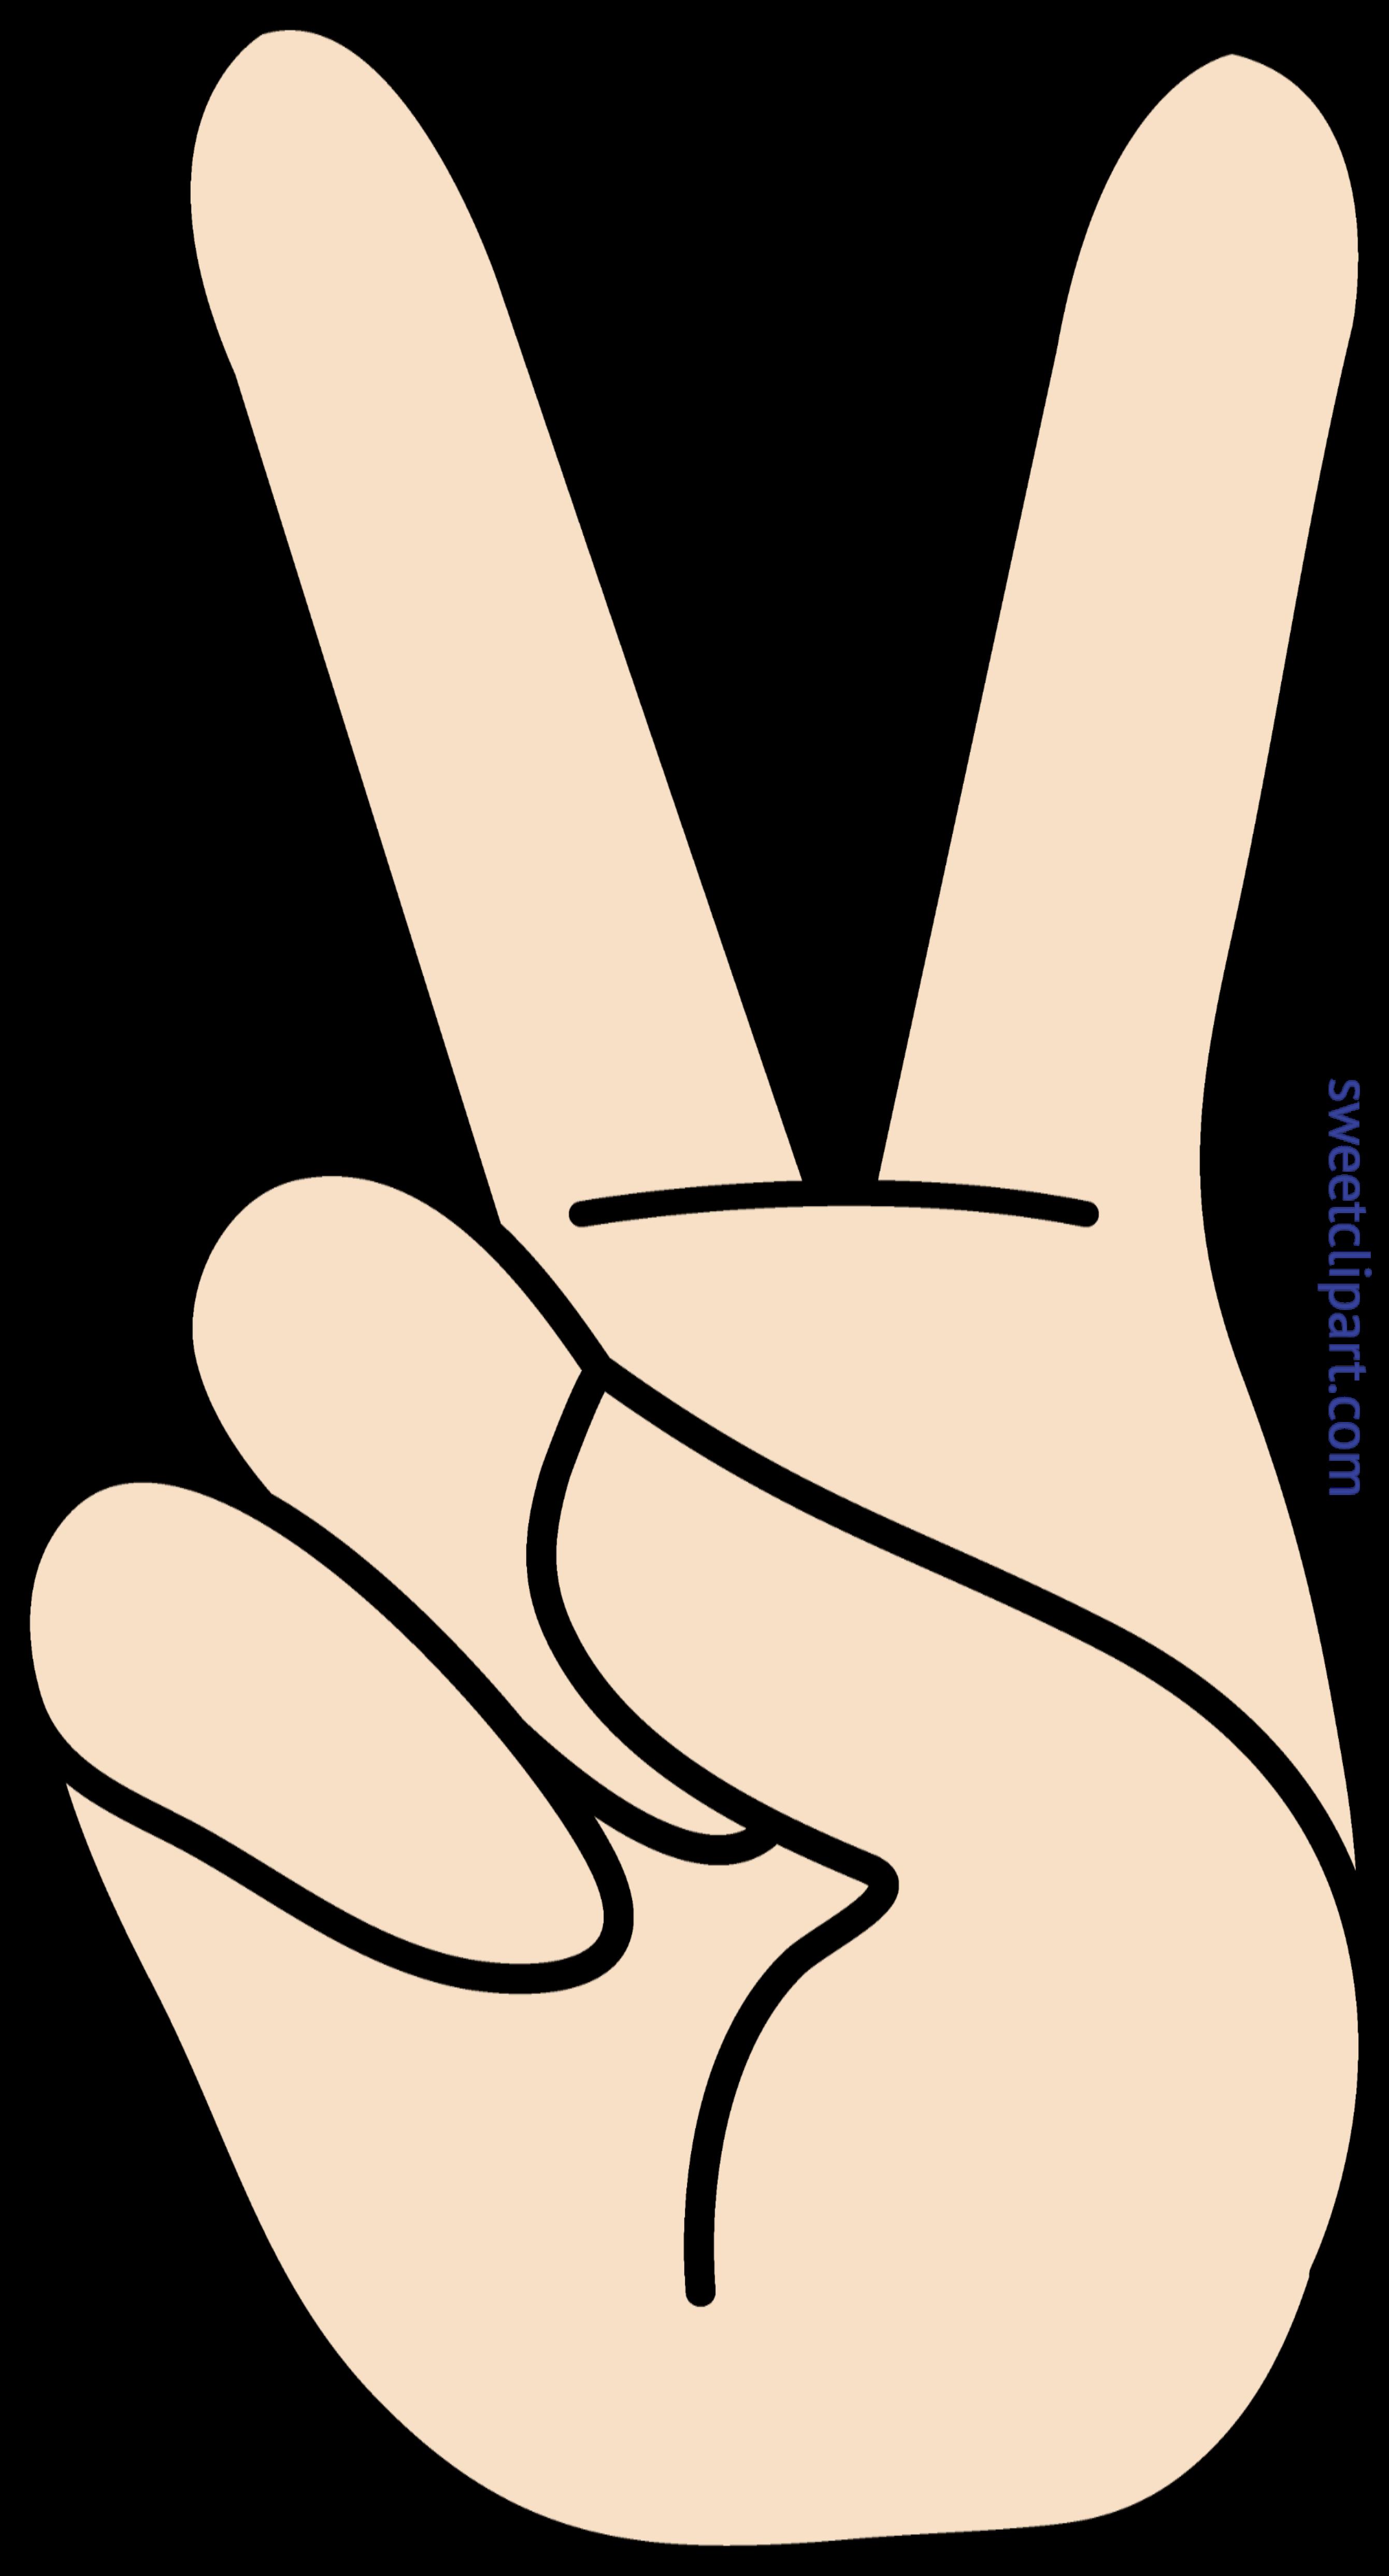 peace hand sign clip art sweet clip art rh m sweetclipart com clipart of a handshake clipart of a handshake